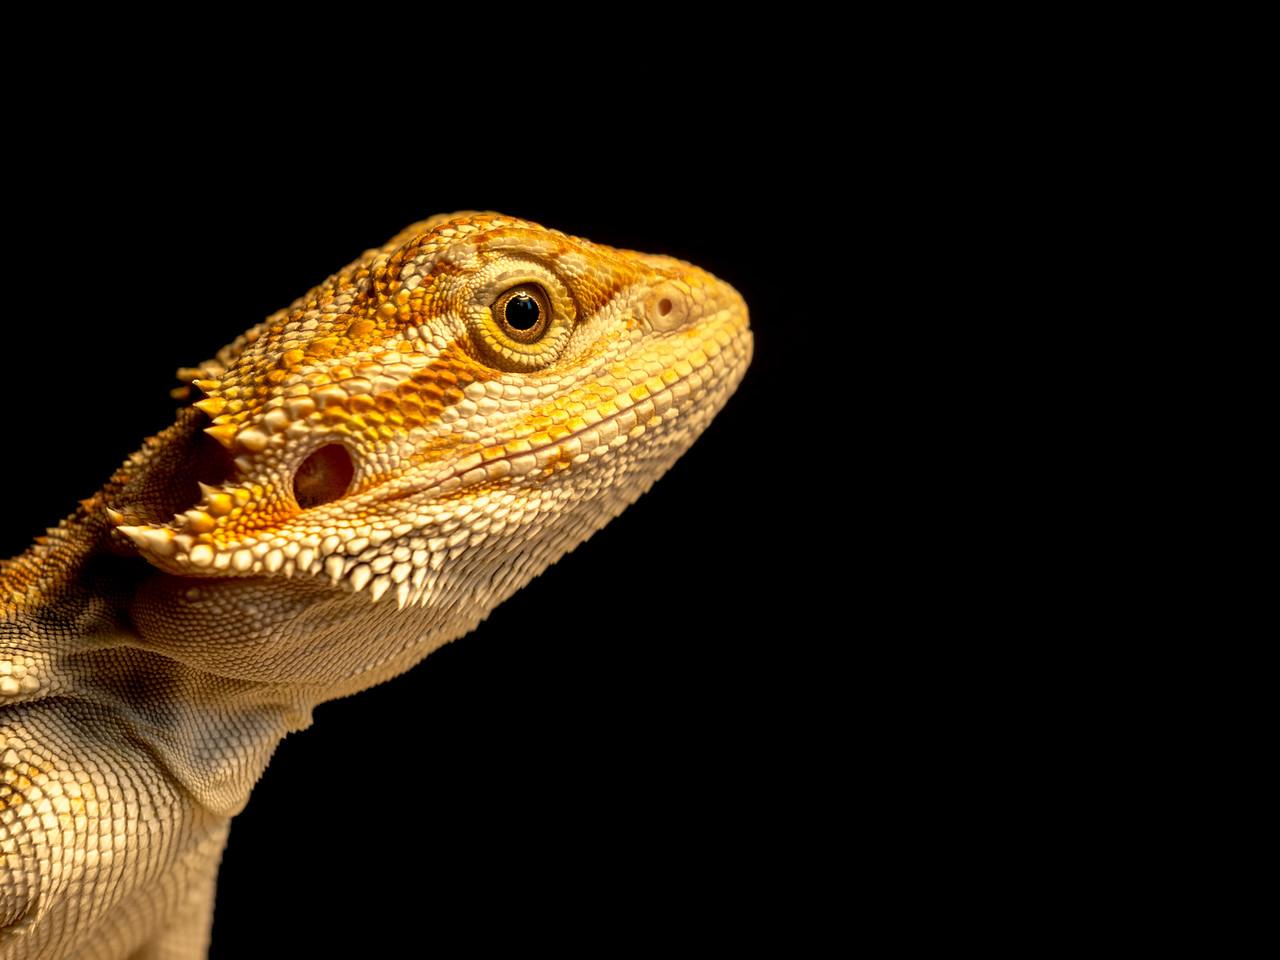 Dragon with an Attitude